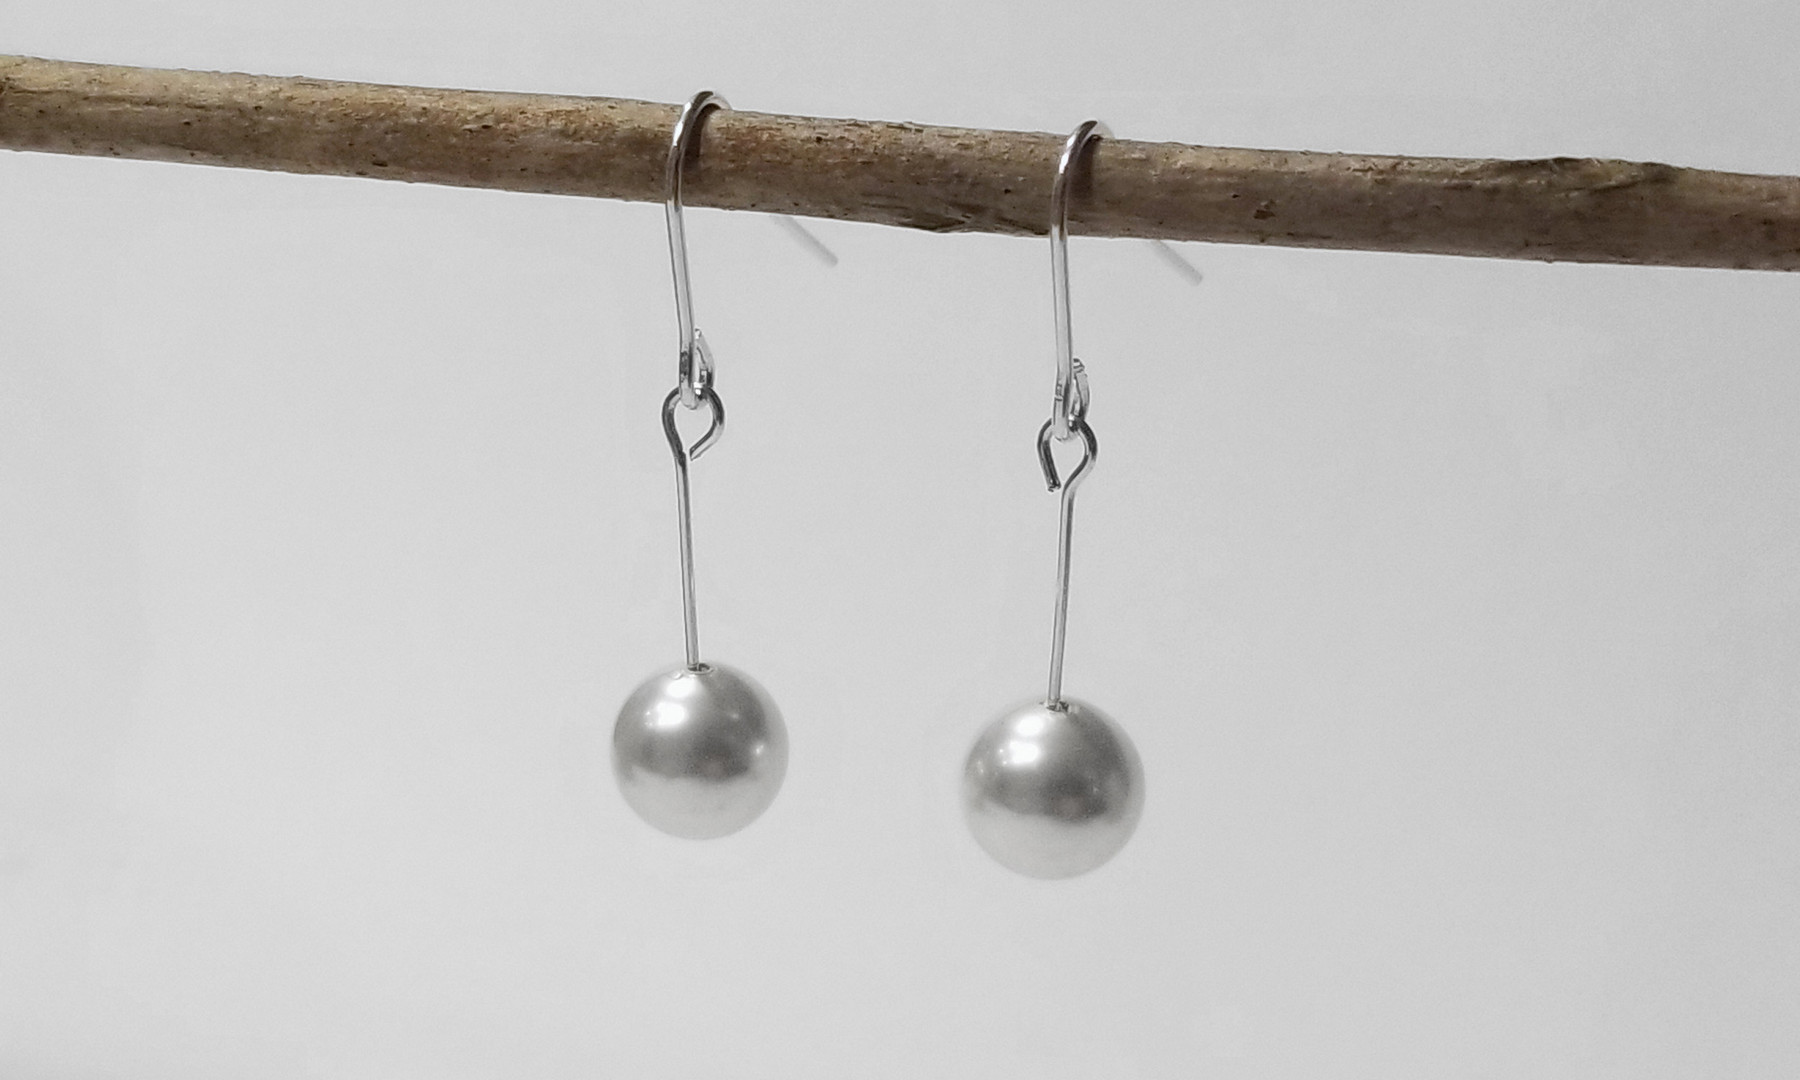 Pearl or Swarovski Bridal Pearl Earrings